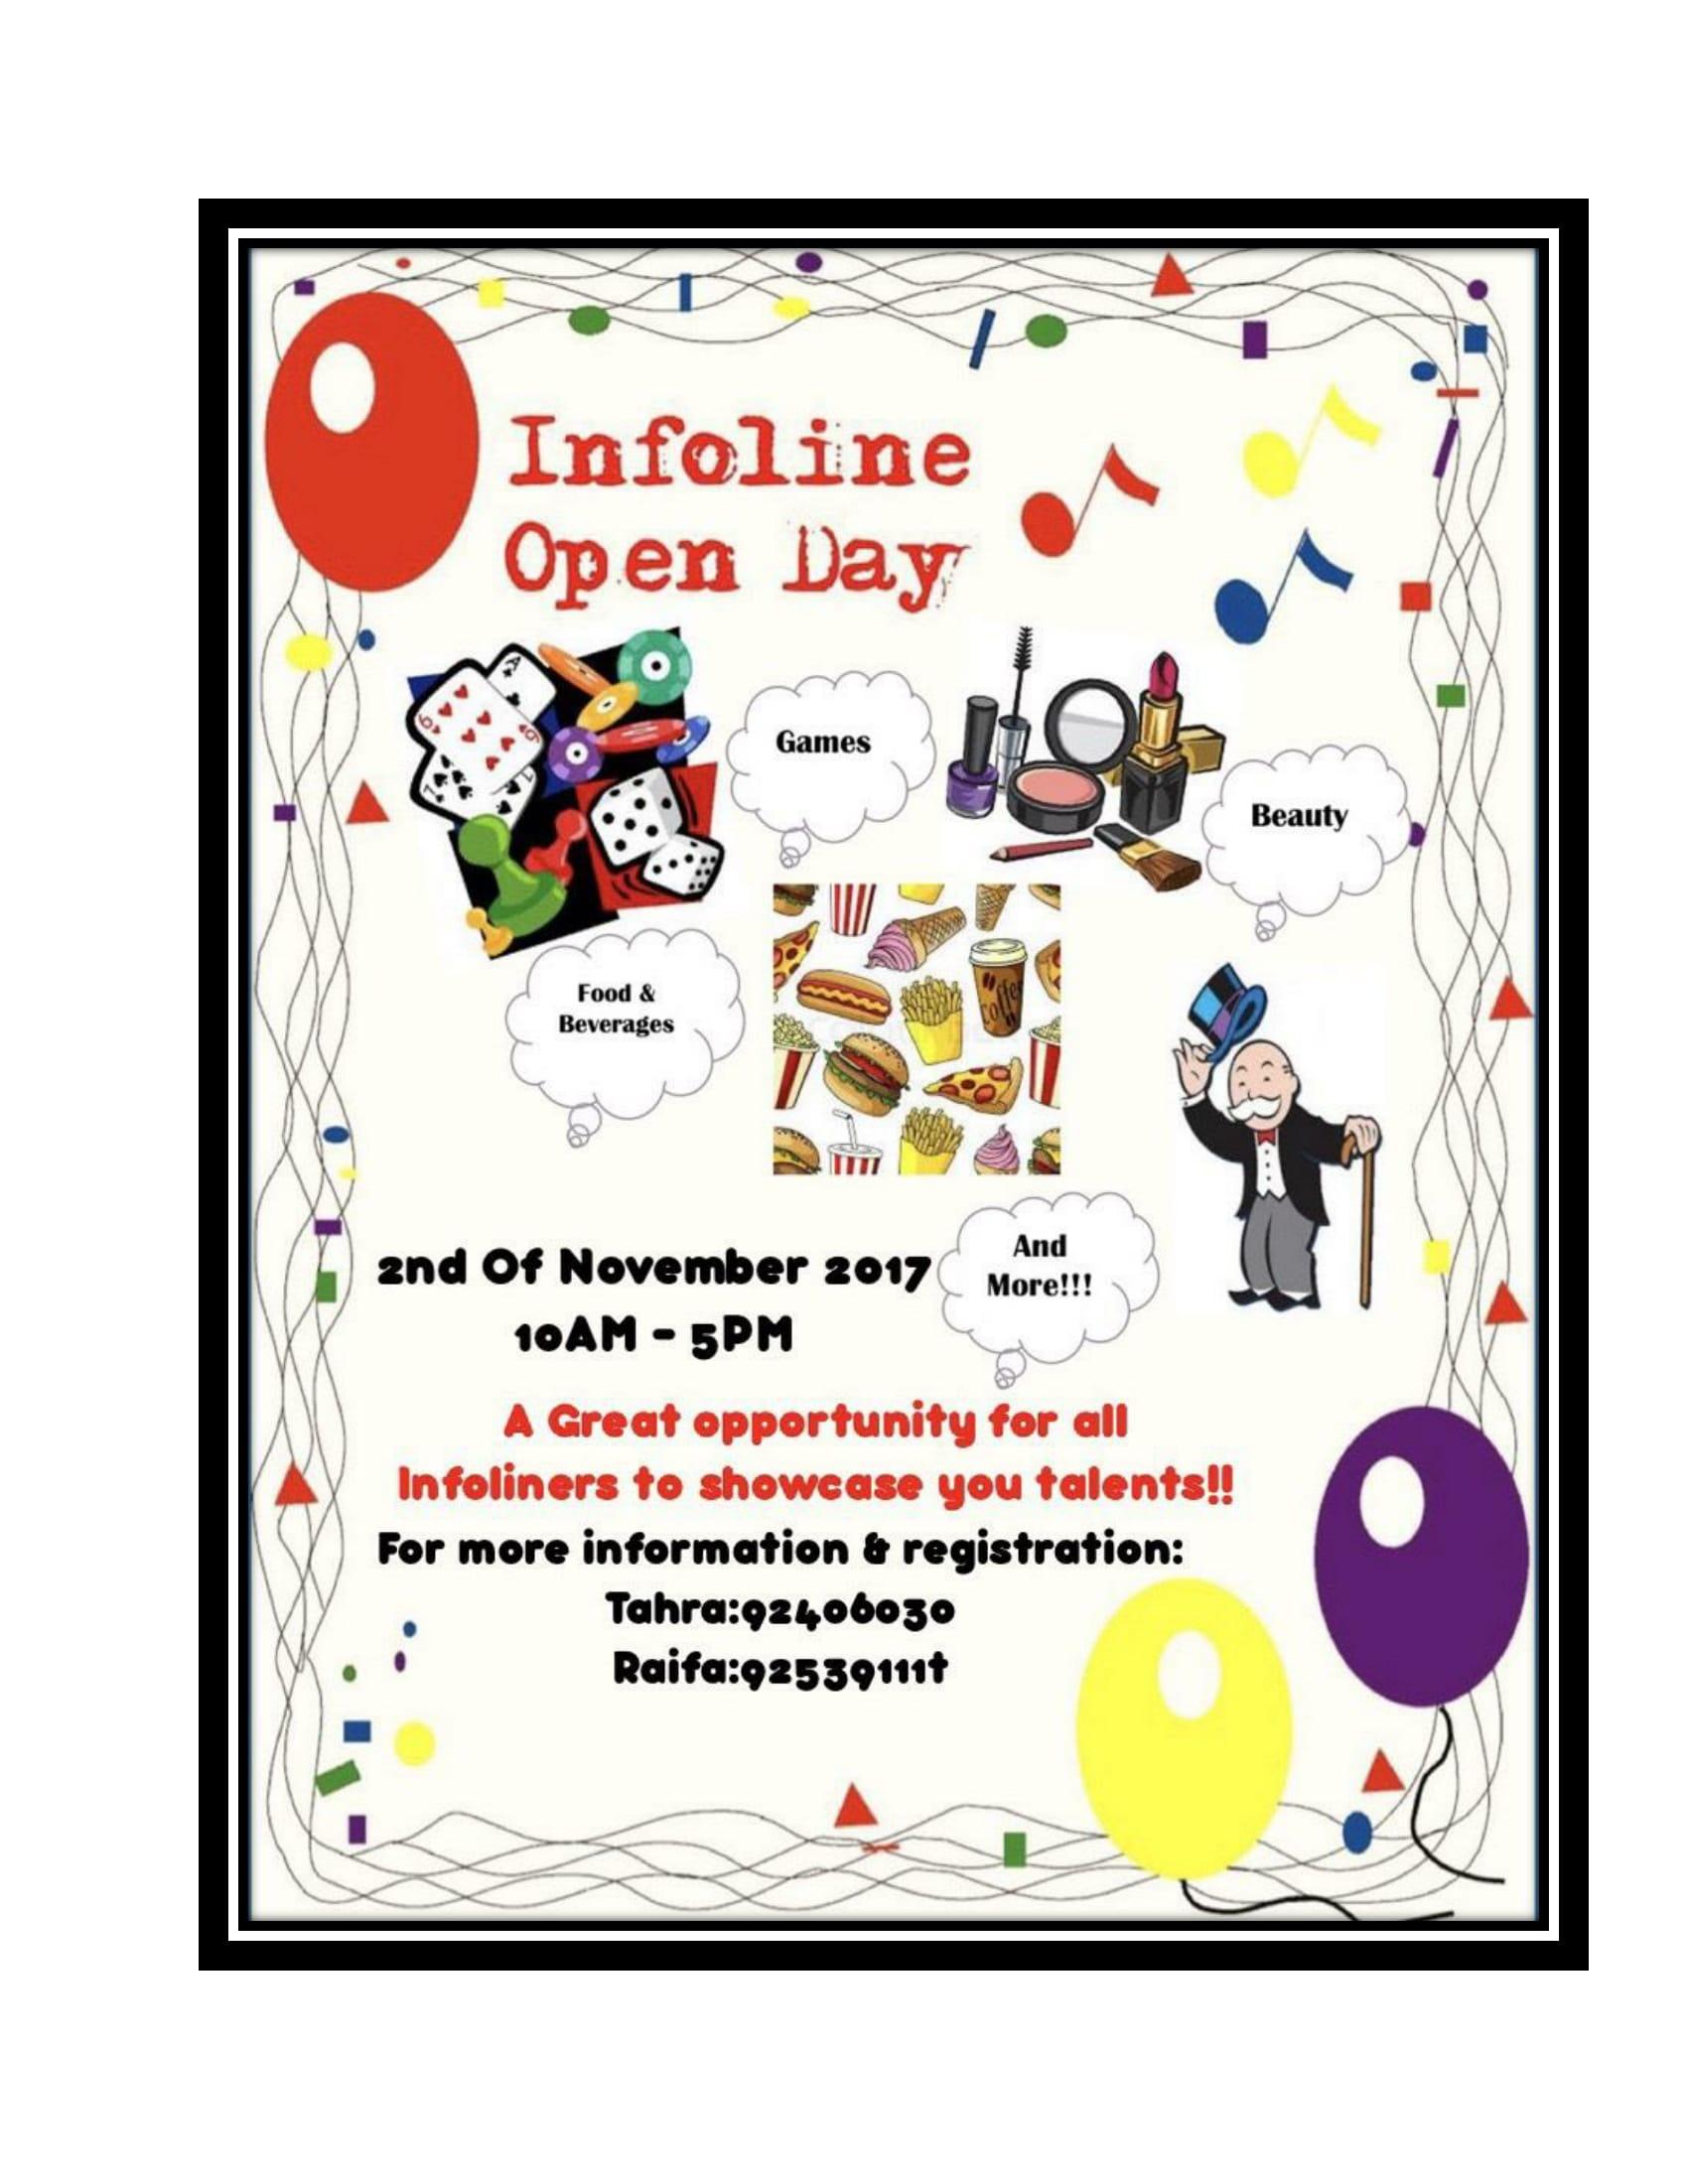 Infoline organises Open Day